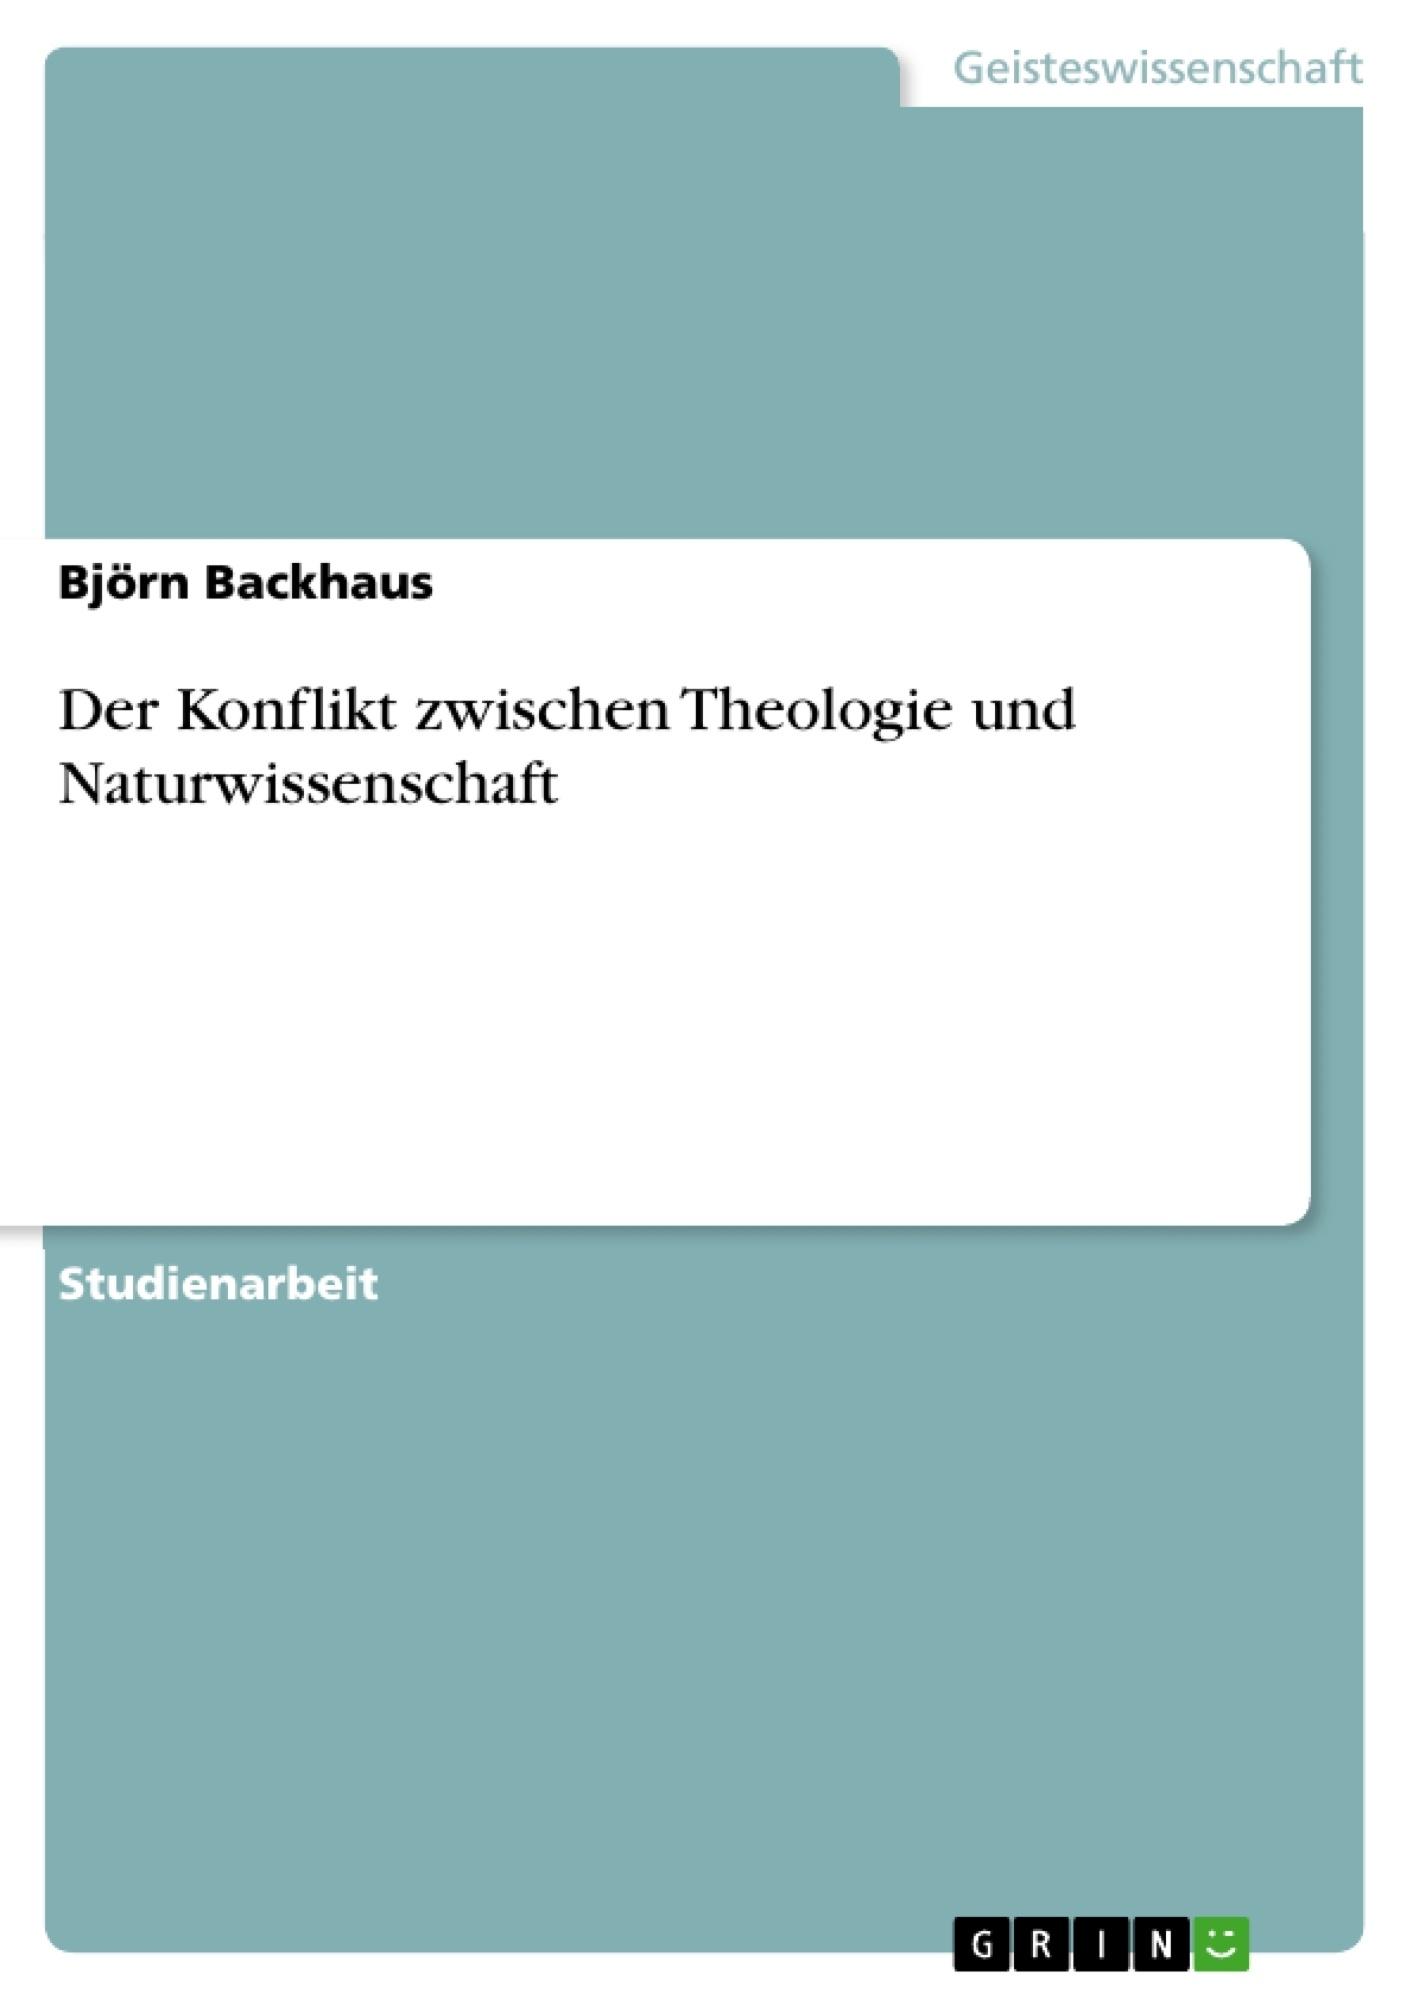 Titel: Der Konflikt zwischen Theologie und Naturwissenschaft